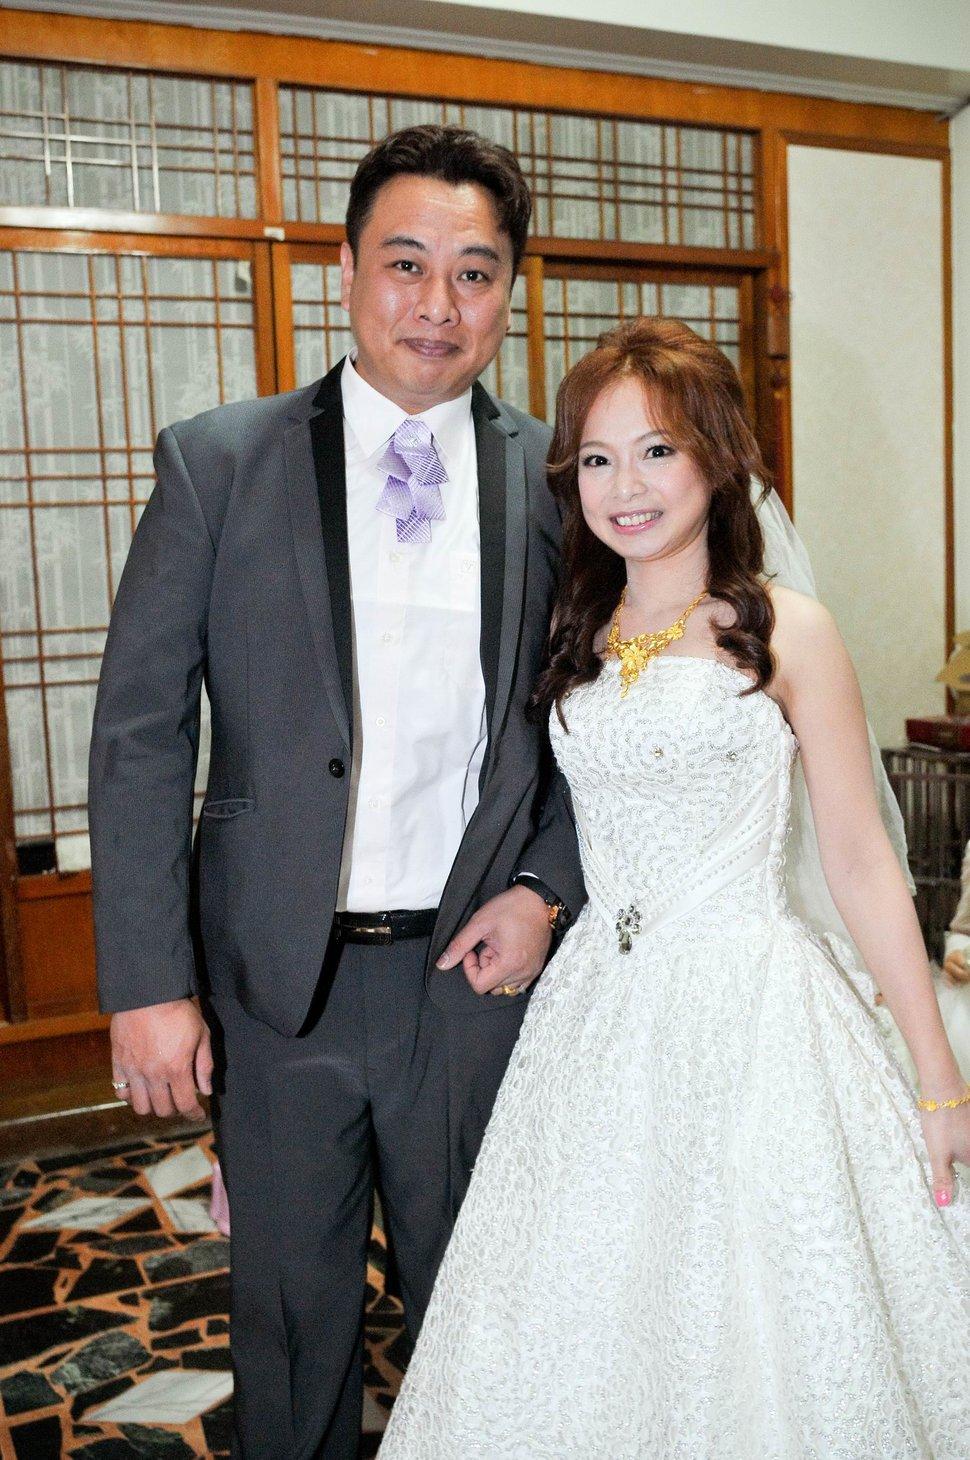 龍和餐廳結婚迎娶儀式晚宴婚禮記錄動態微電影錄影專業錄影平面攝影婚攝婚禮主持人(編號:272487) - 蜜月拍照10800錄影12800攝影團隊 - 結婚吧